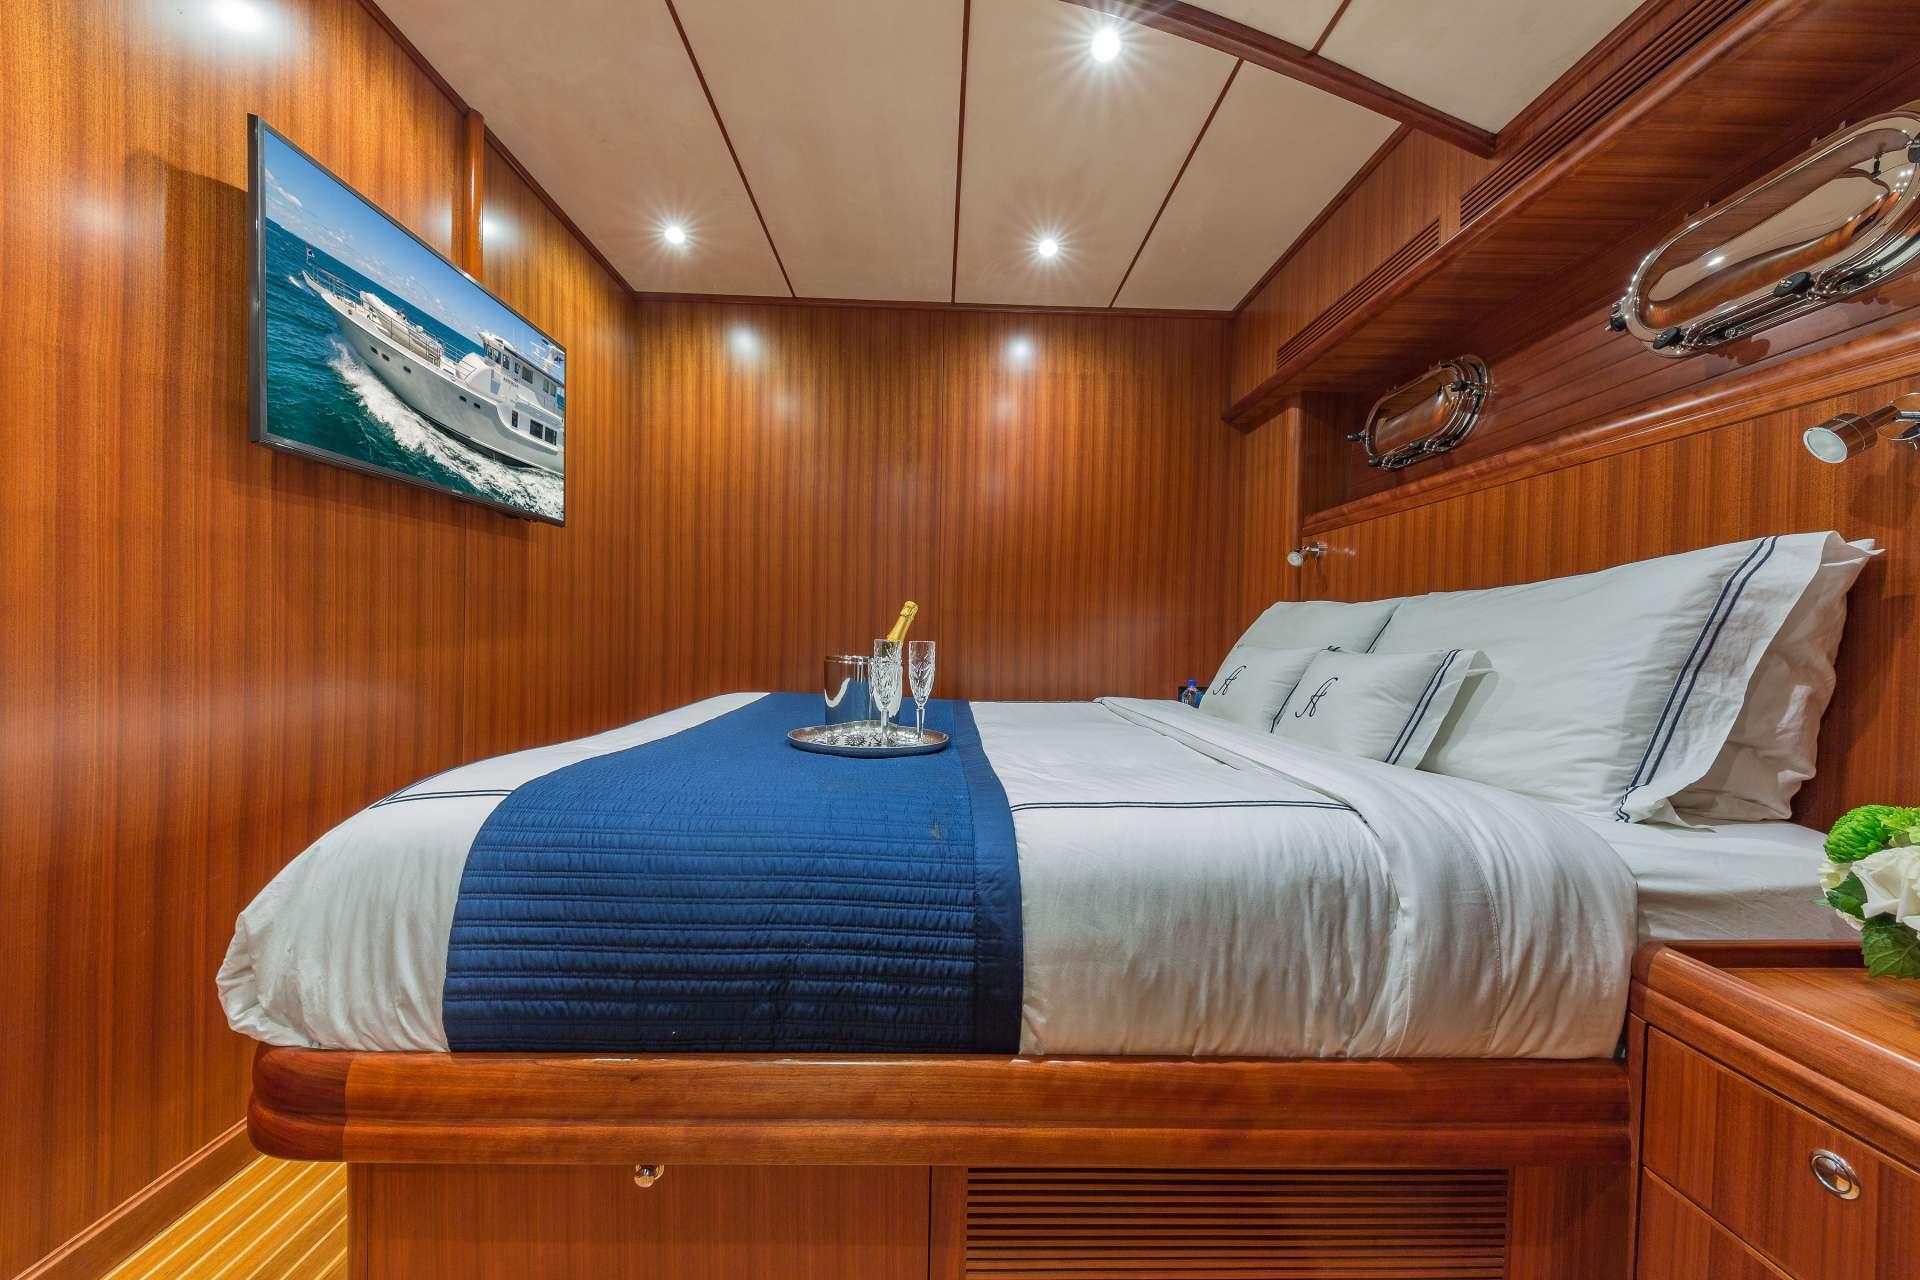 ASTURIAS yacht image # 5